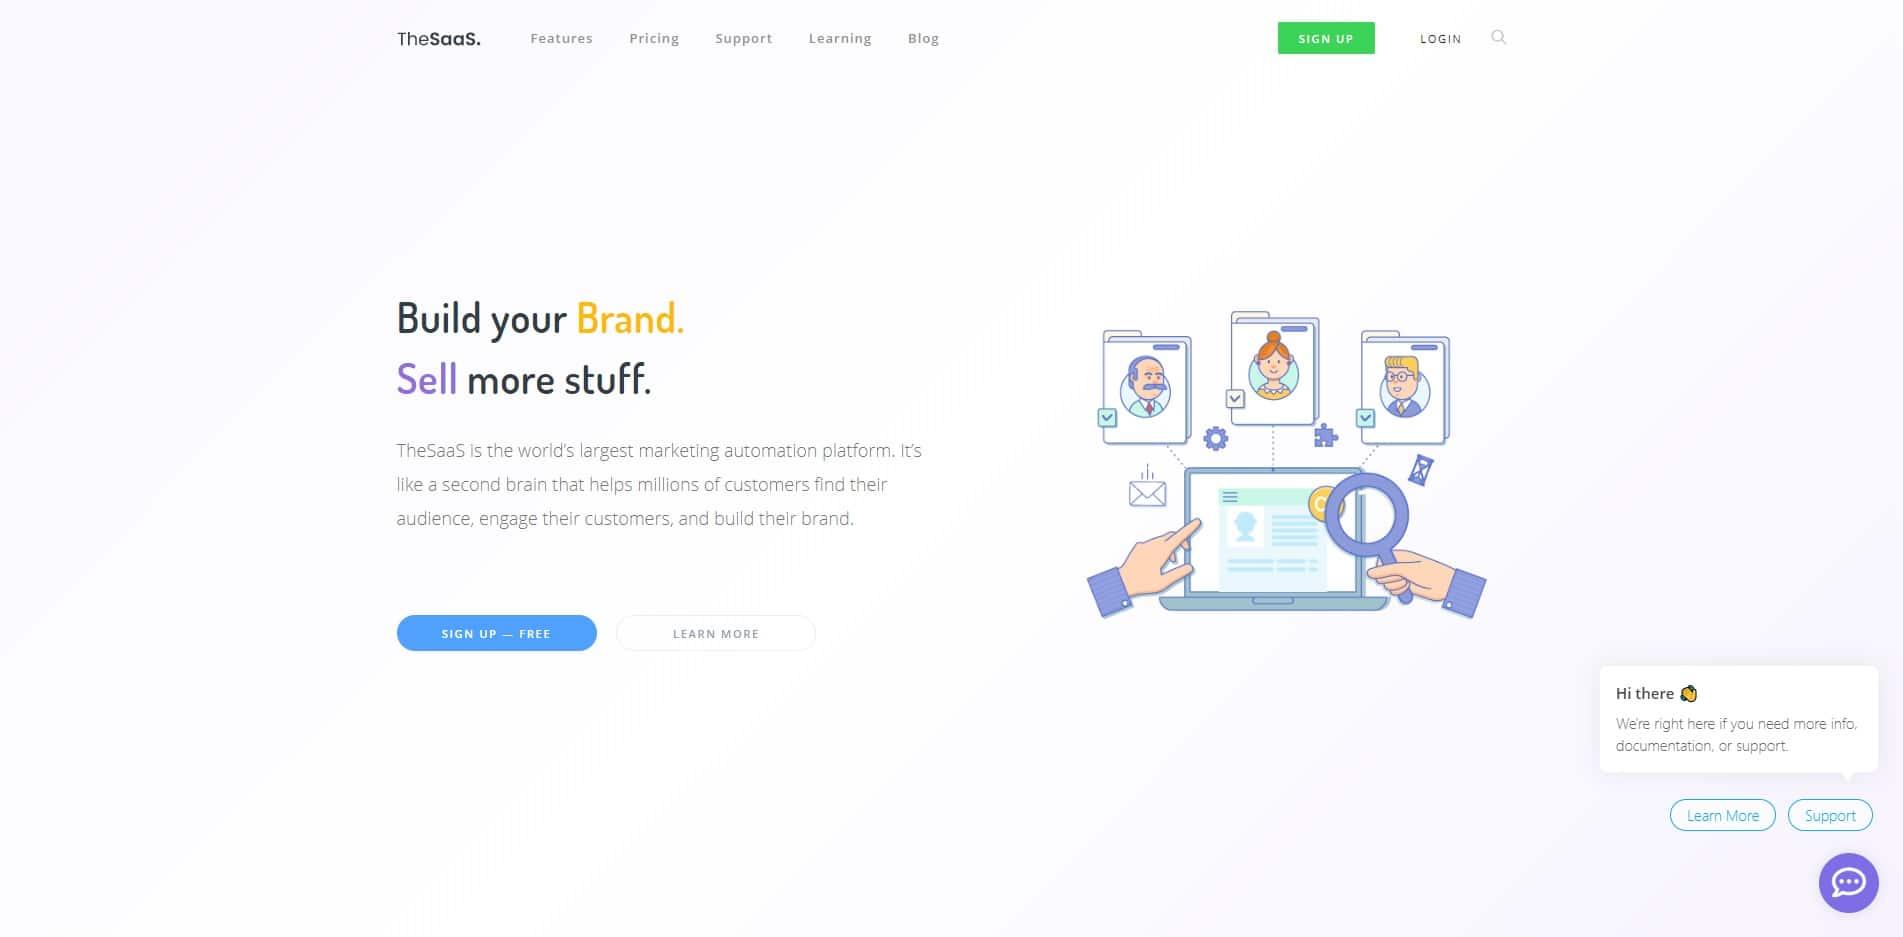 thesaas technology website template